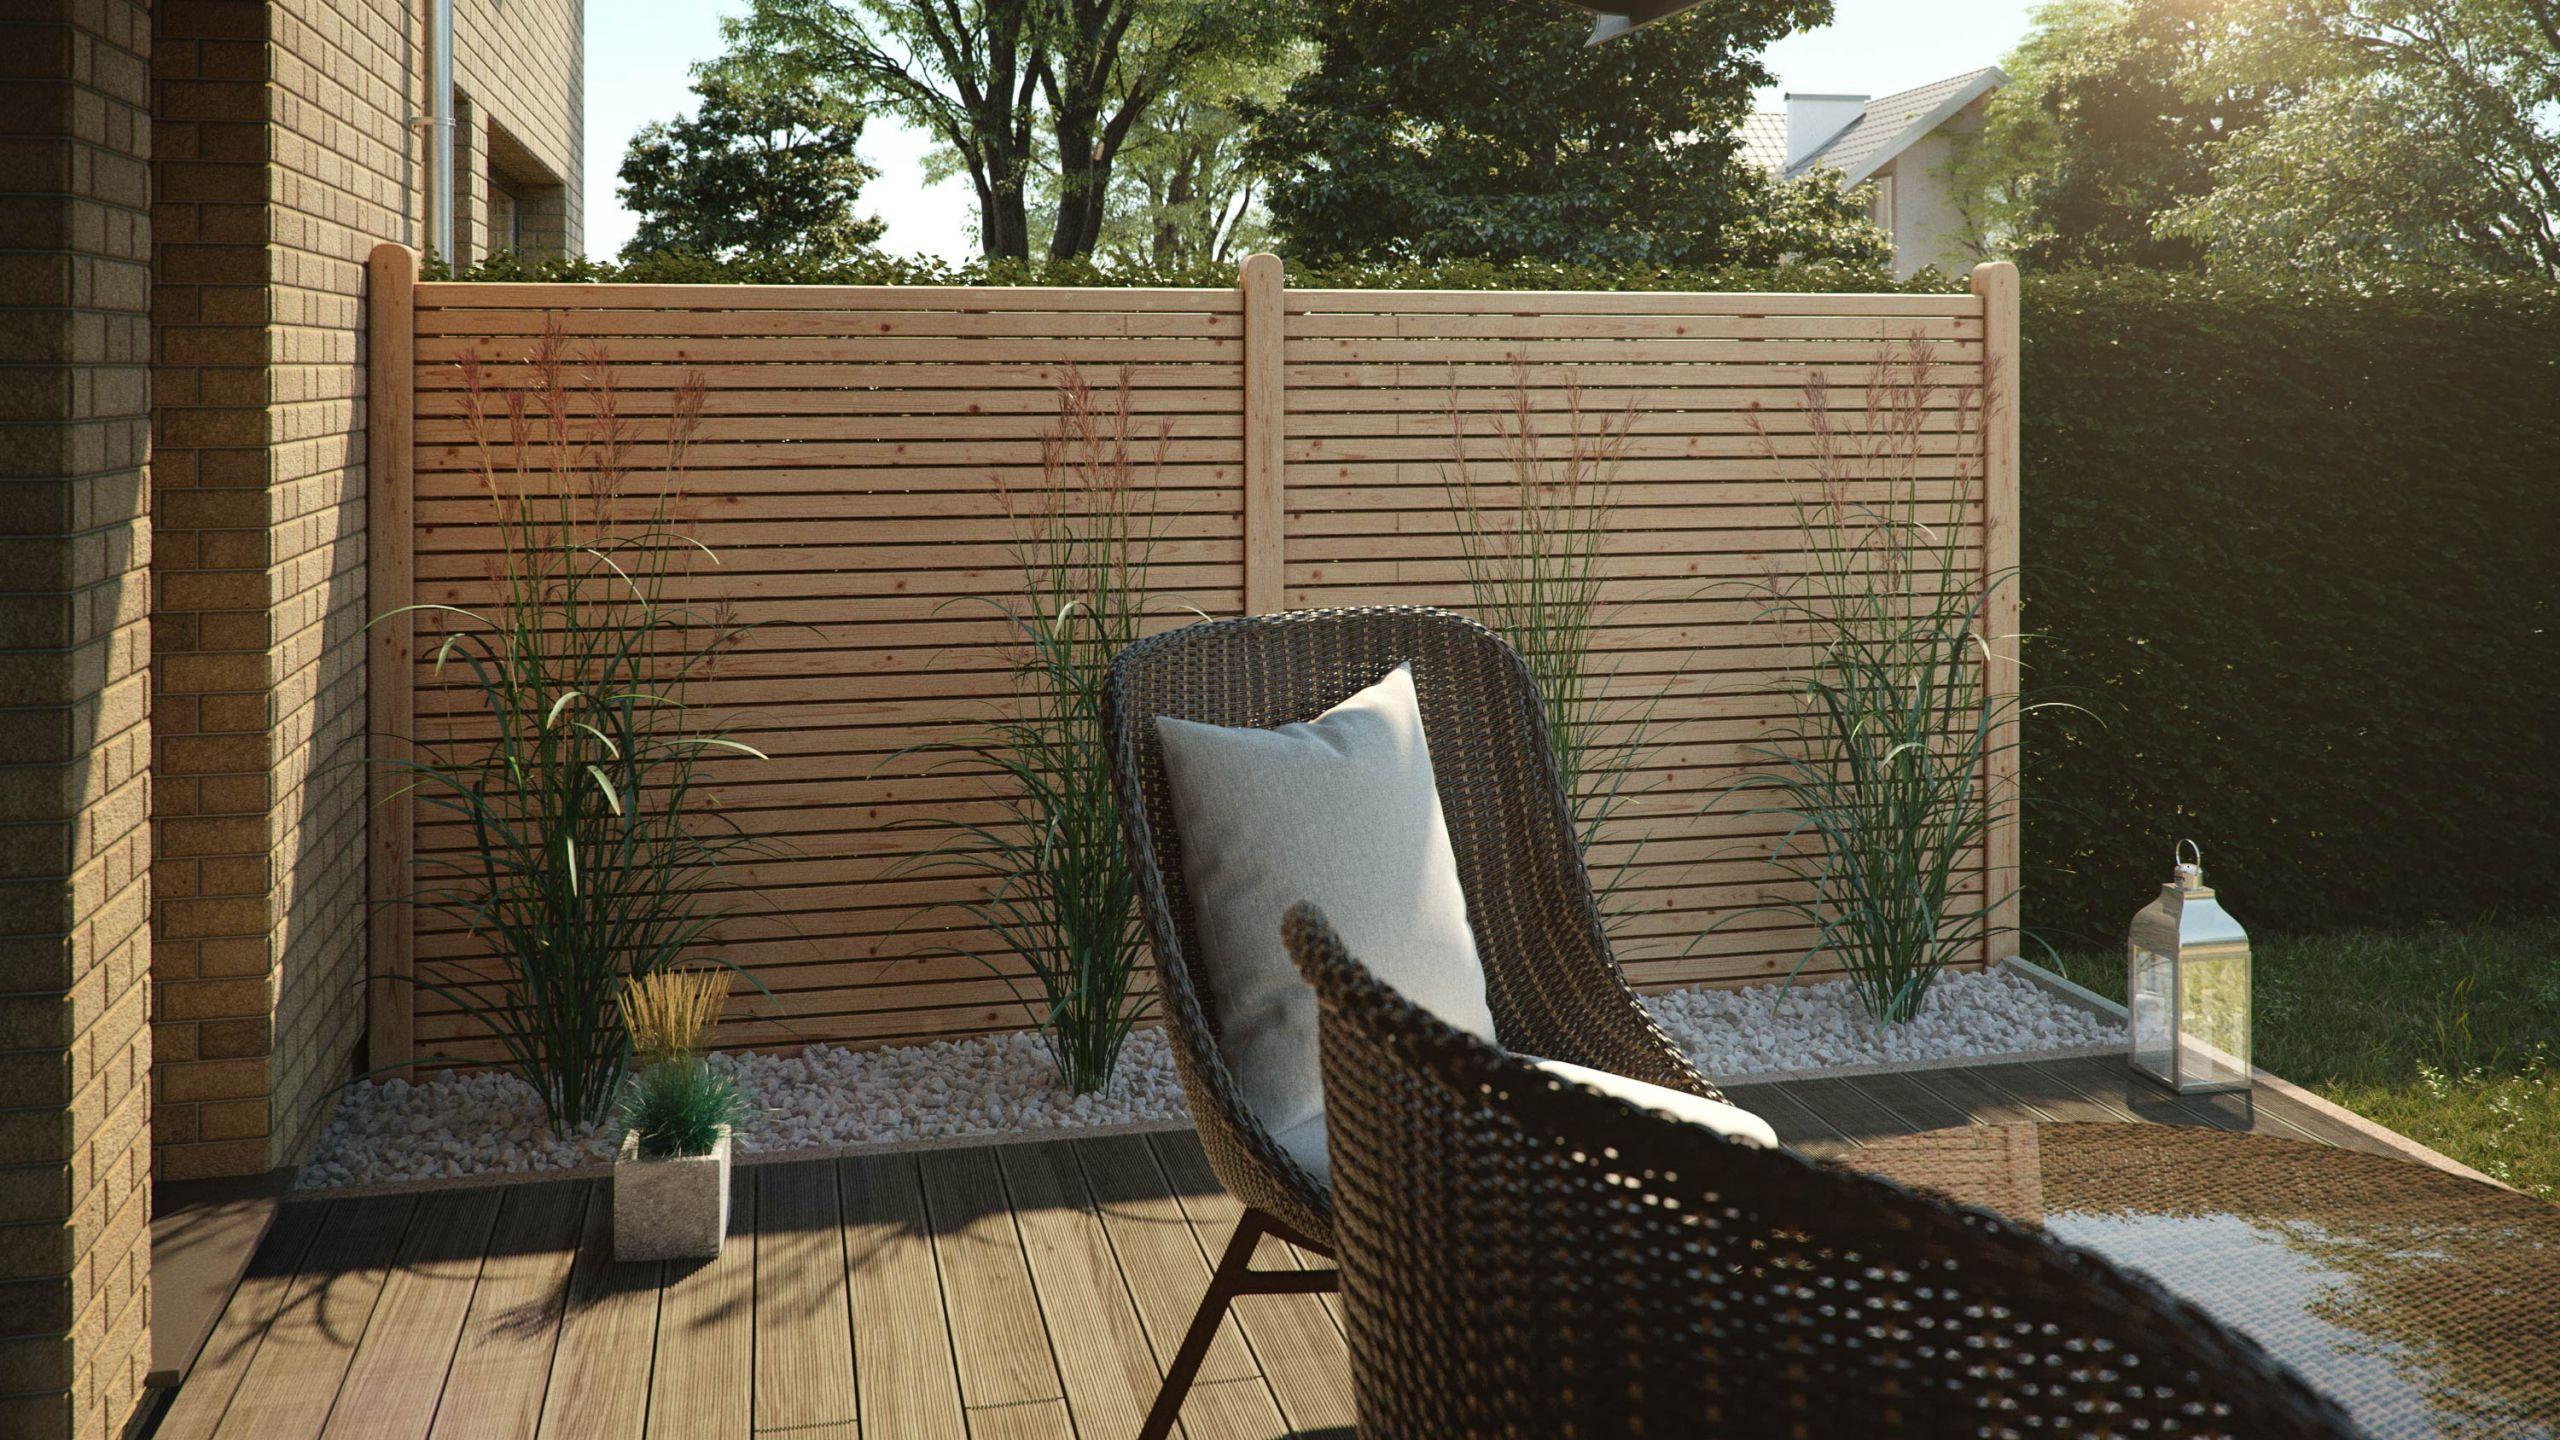 terrassen beispiele garten mit sichtschutz ideen fur terrasse inspiration obi 24 und terrasse sichtschutz gartenmoebel kiesbeet mit terrassen beispiele garten